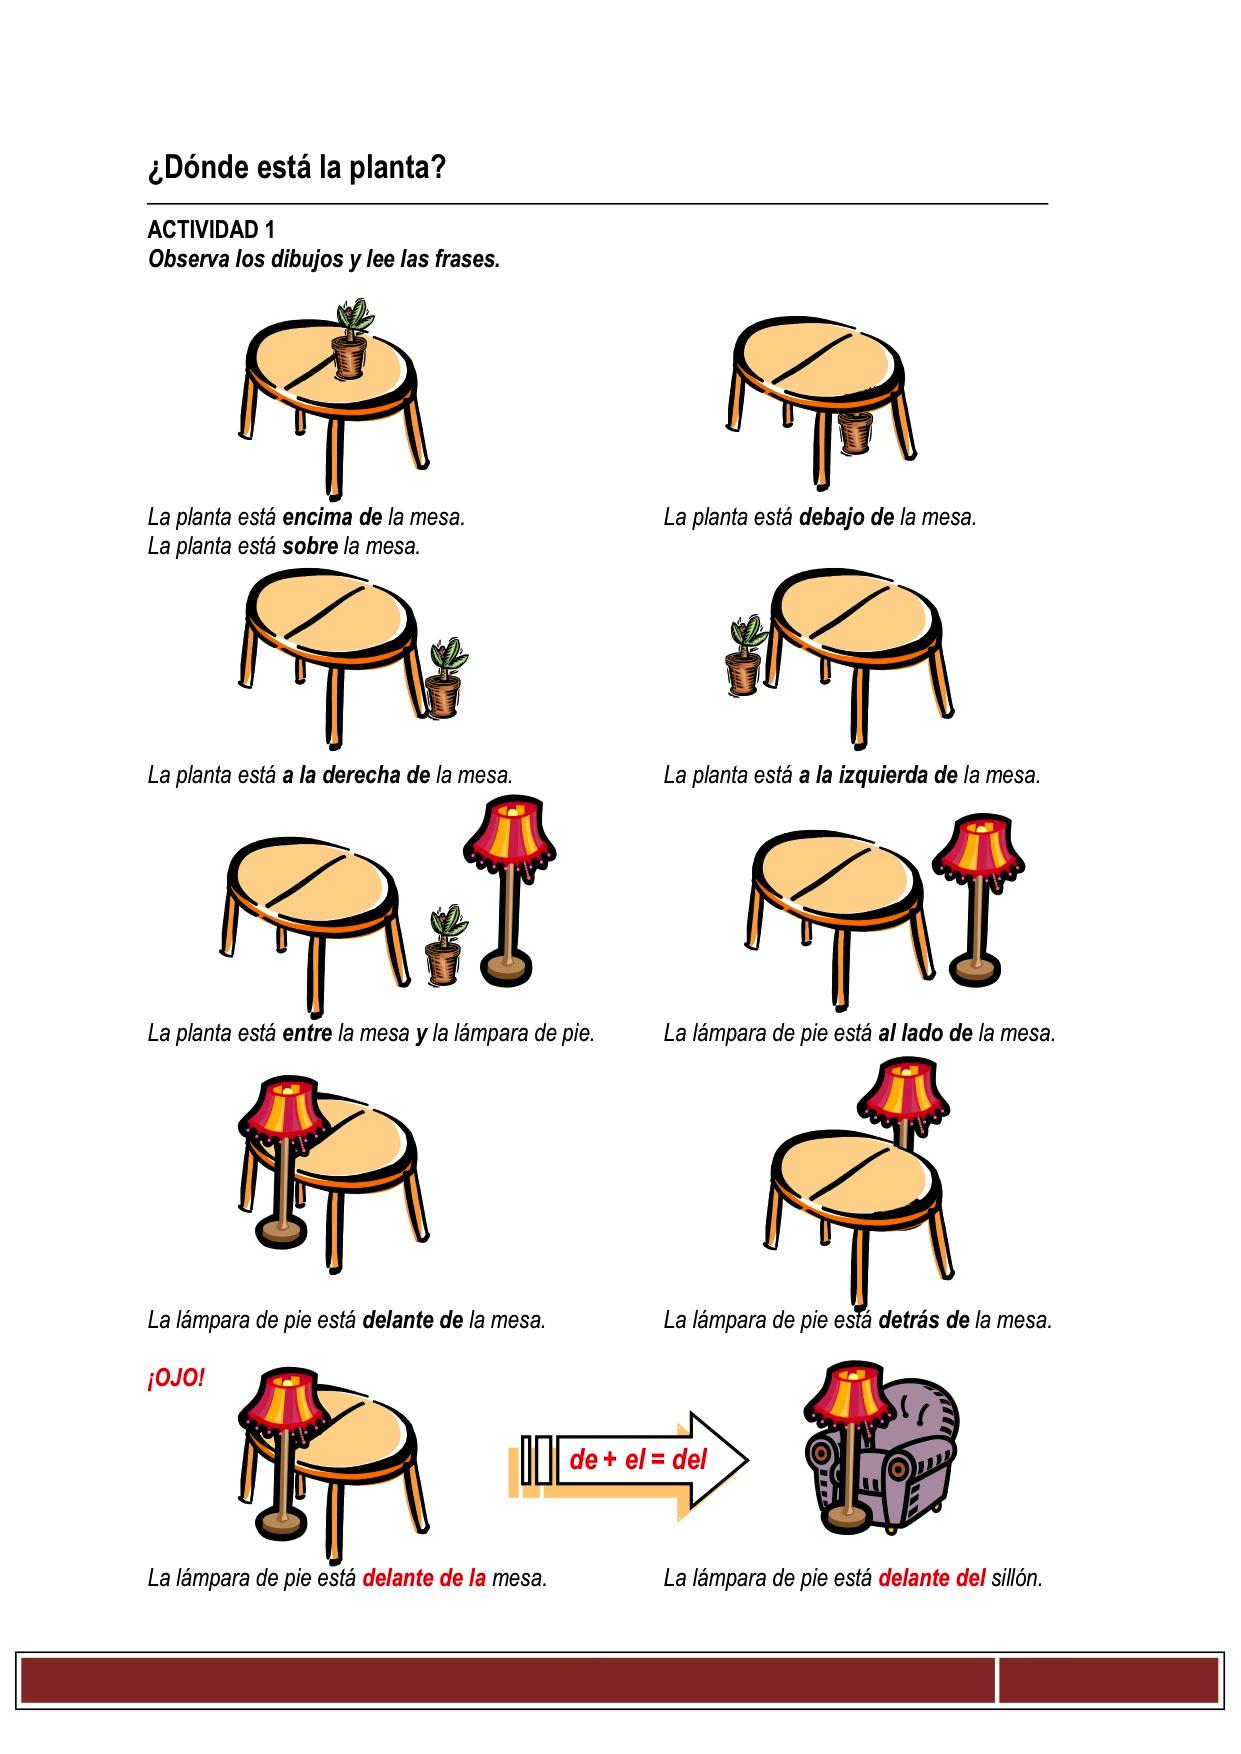 Spanish adverbs of location adverbios de lugar en espa ol for Pinterest en espanol